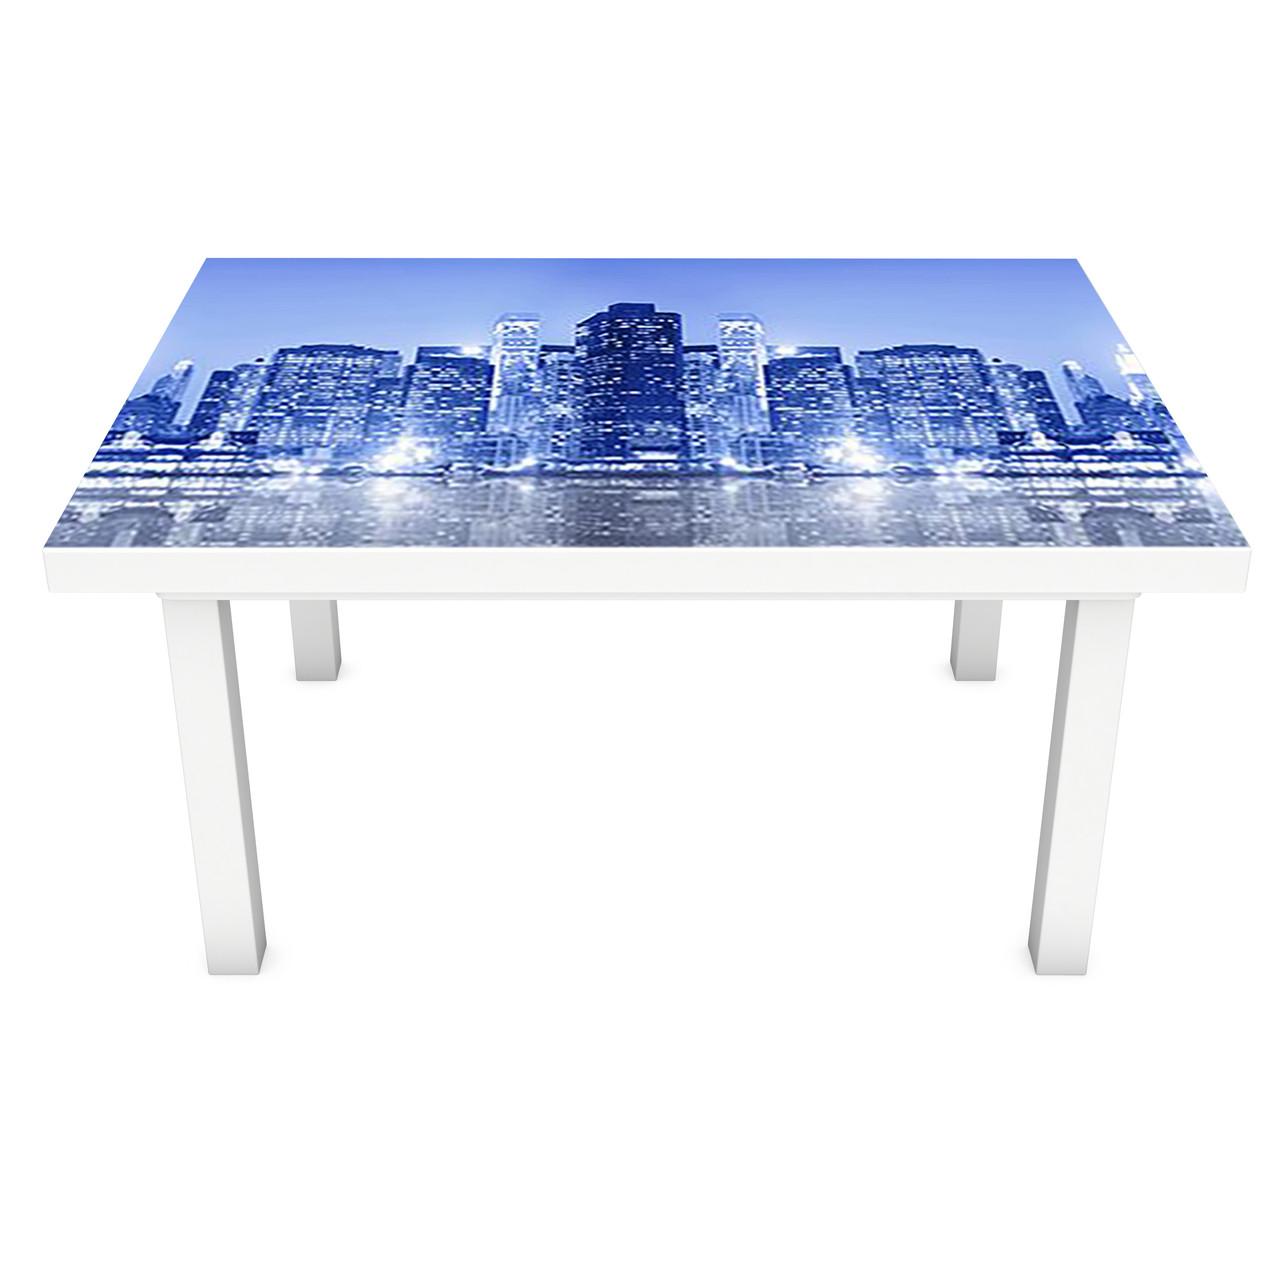 Наклейка на стол Неоновое свечение Город (3Д виниловая пленка ПВХ) ночные небоскребы Синий 600*1200 мм